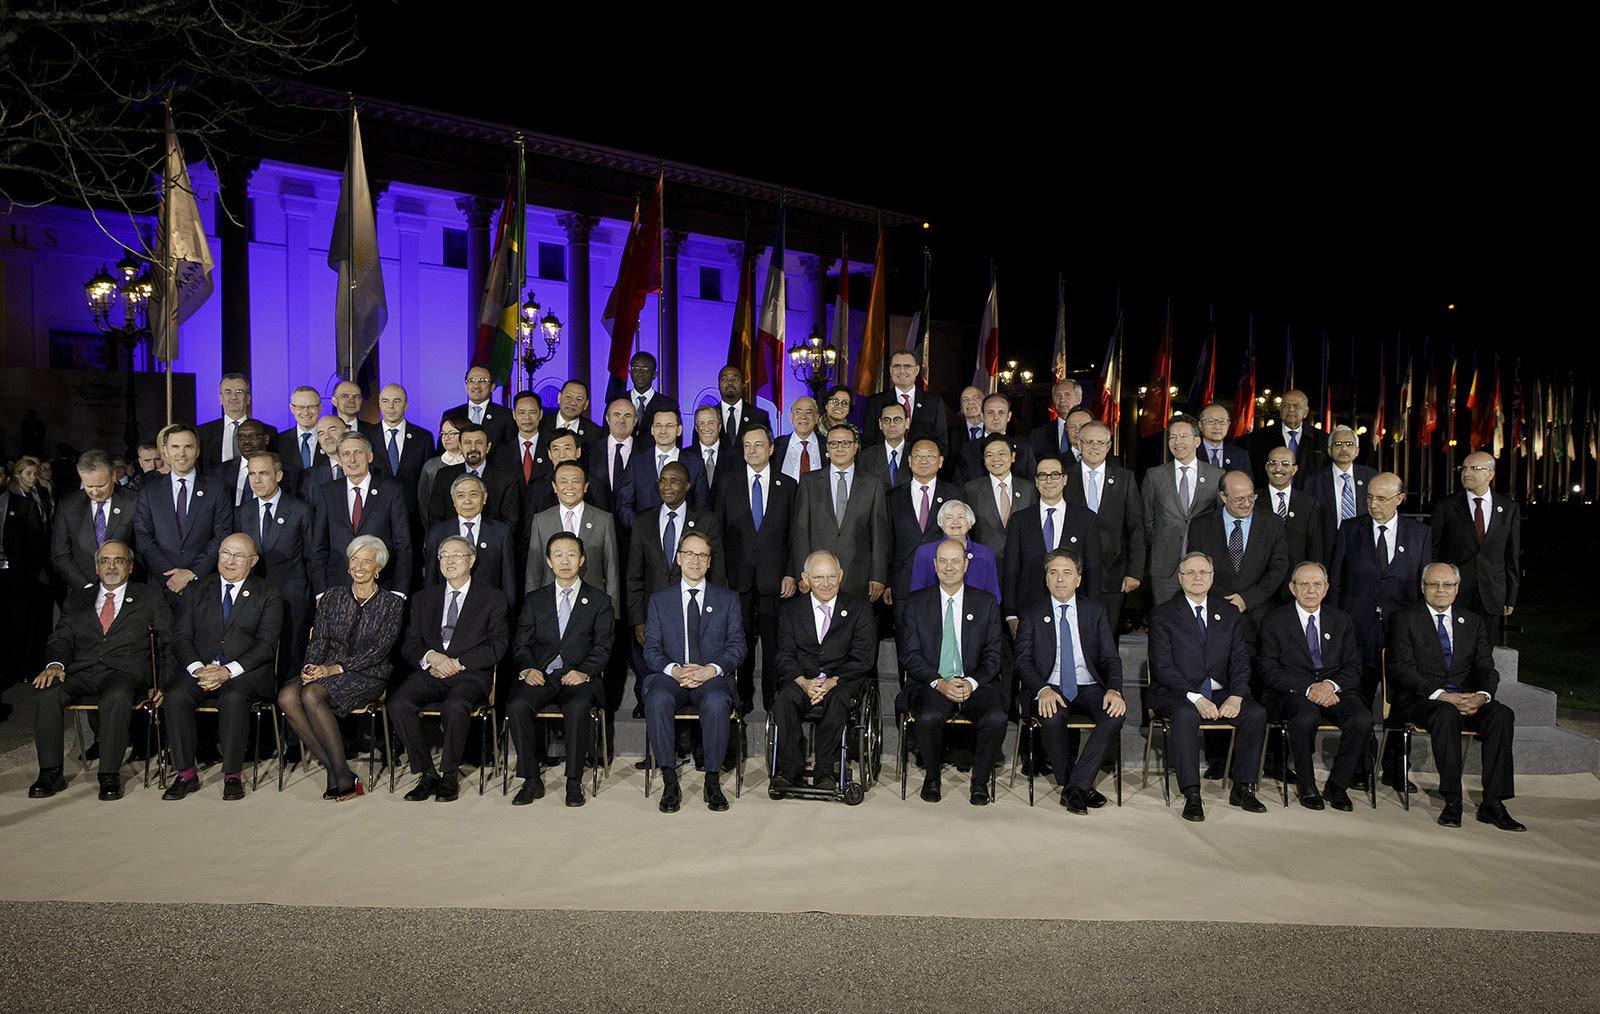 G20财长和央行行长会在德国闭幕中国呼吁反对保护主义